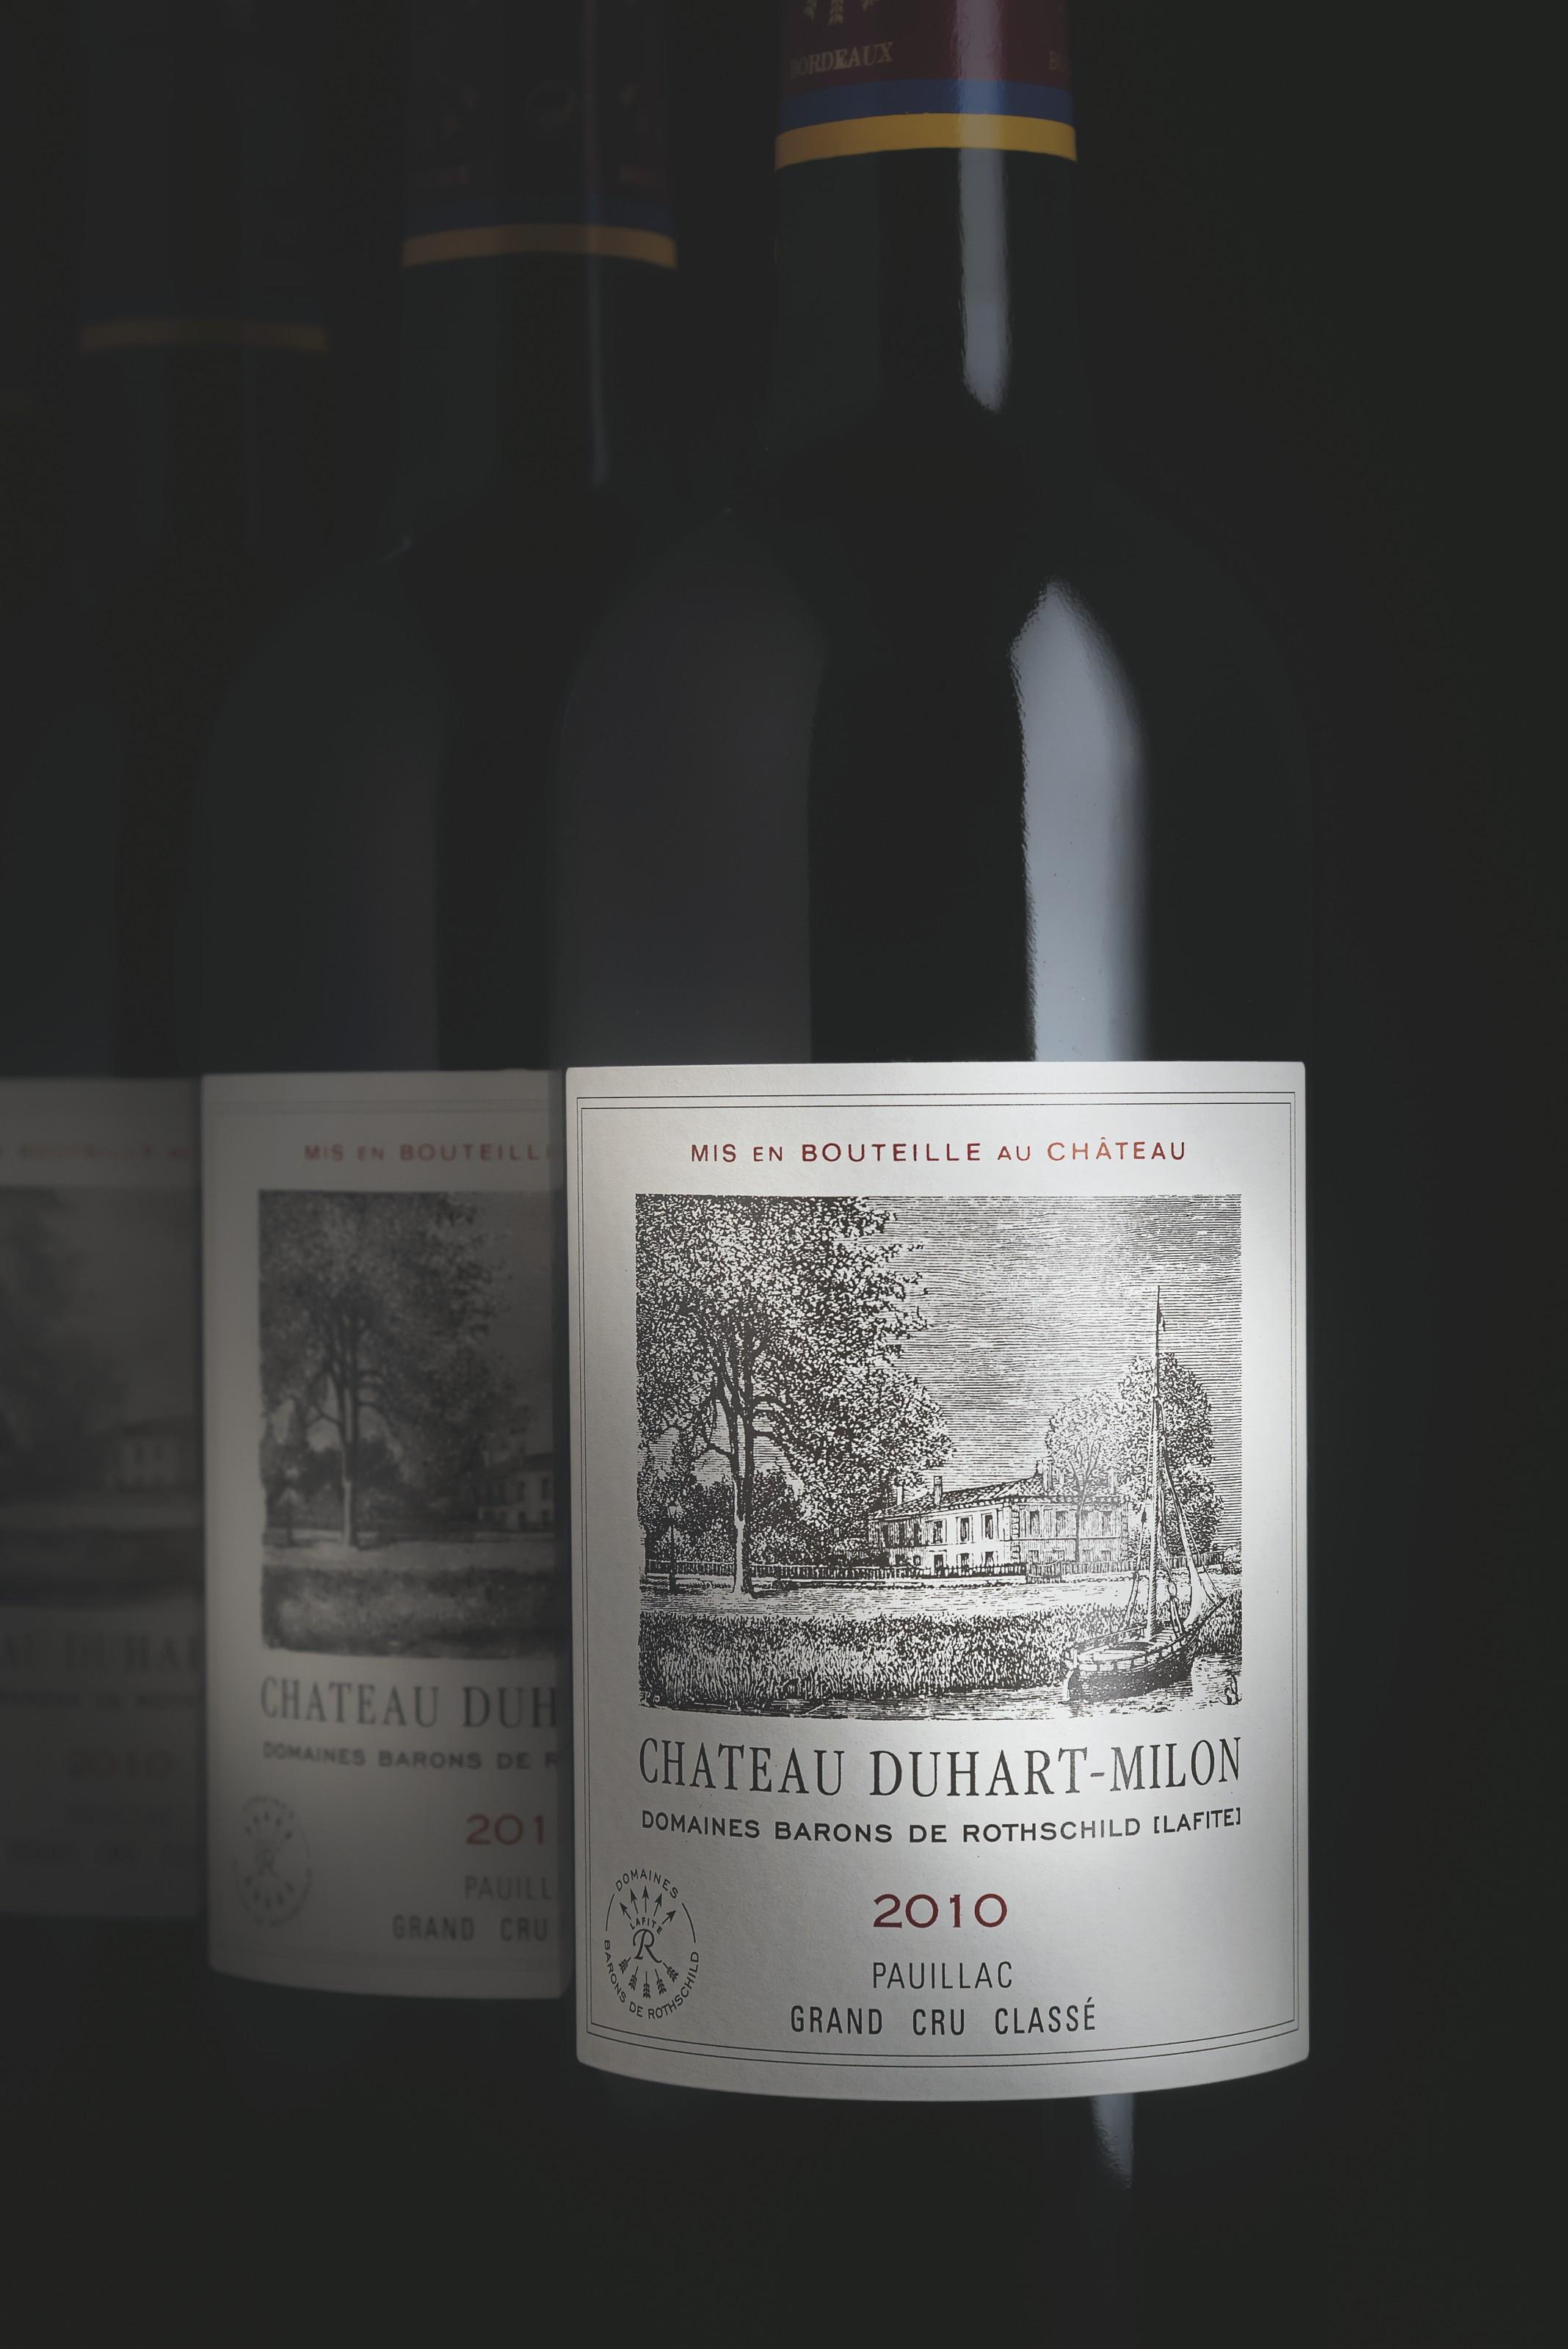 Château Duhart-Milon 2010